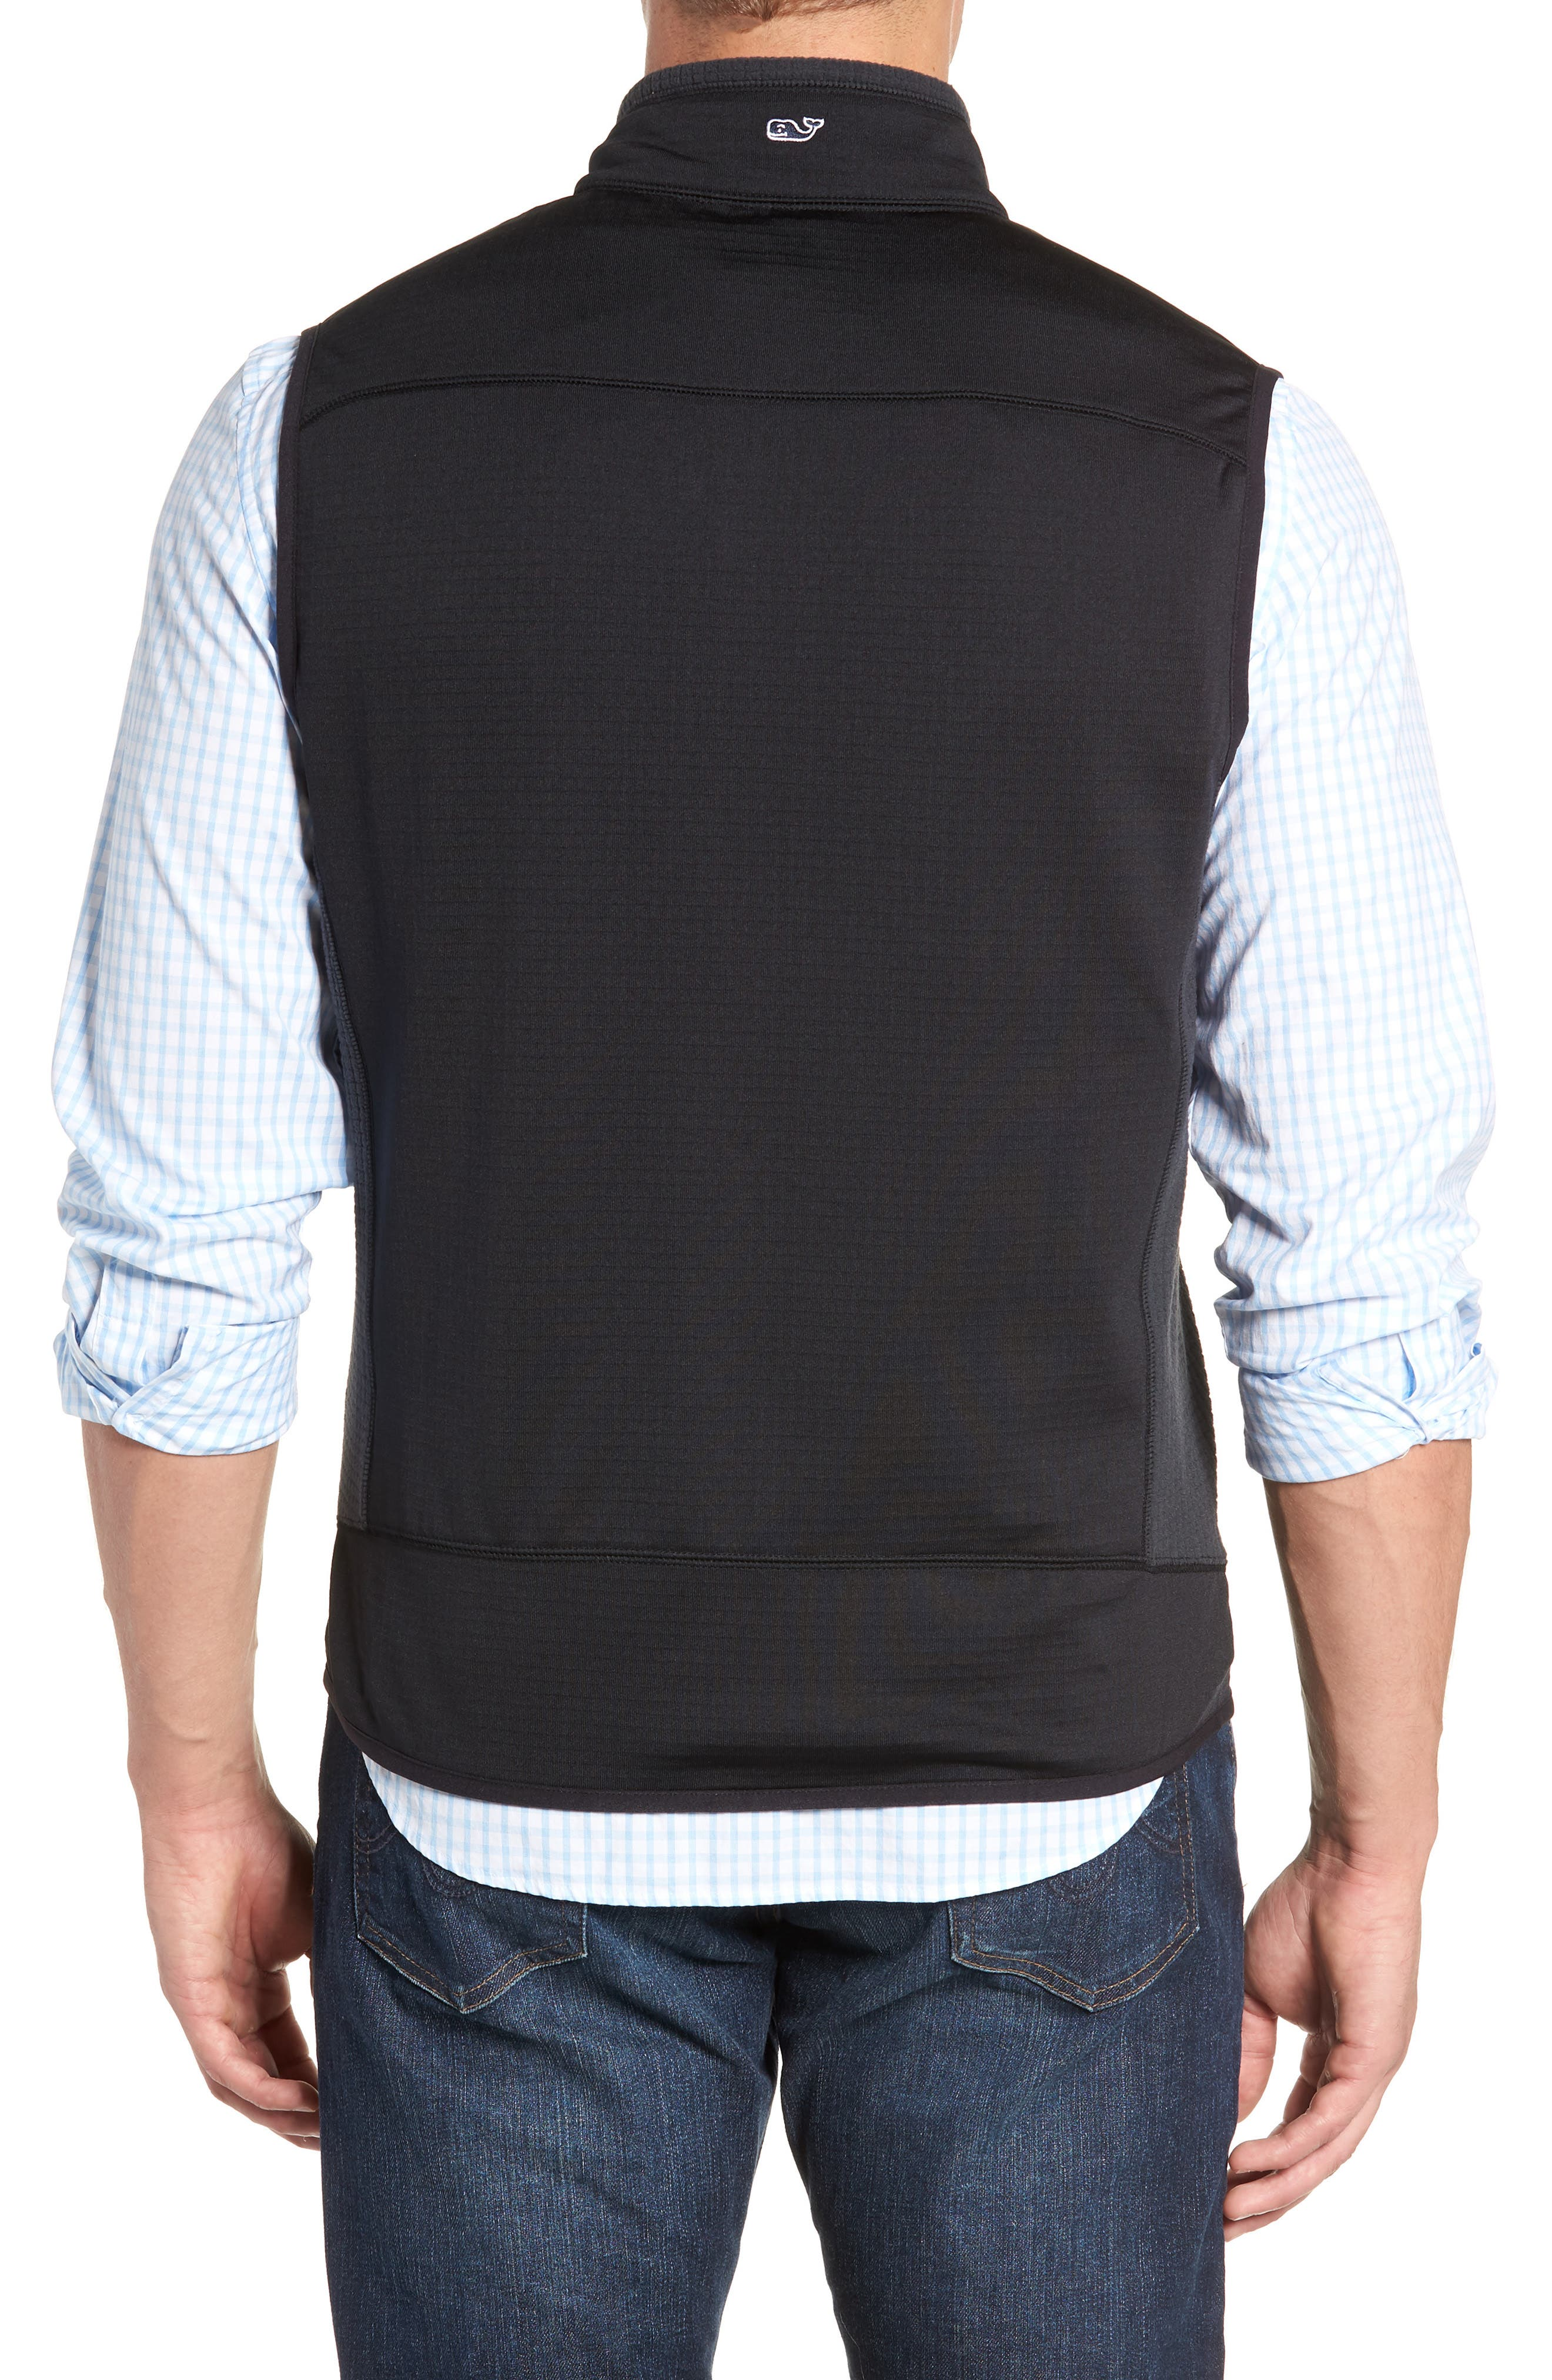 Grid Ripstop Fleece Vest,                             Alternate thumbnail 2, color,                             002